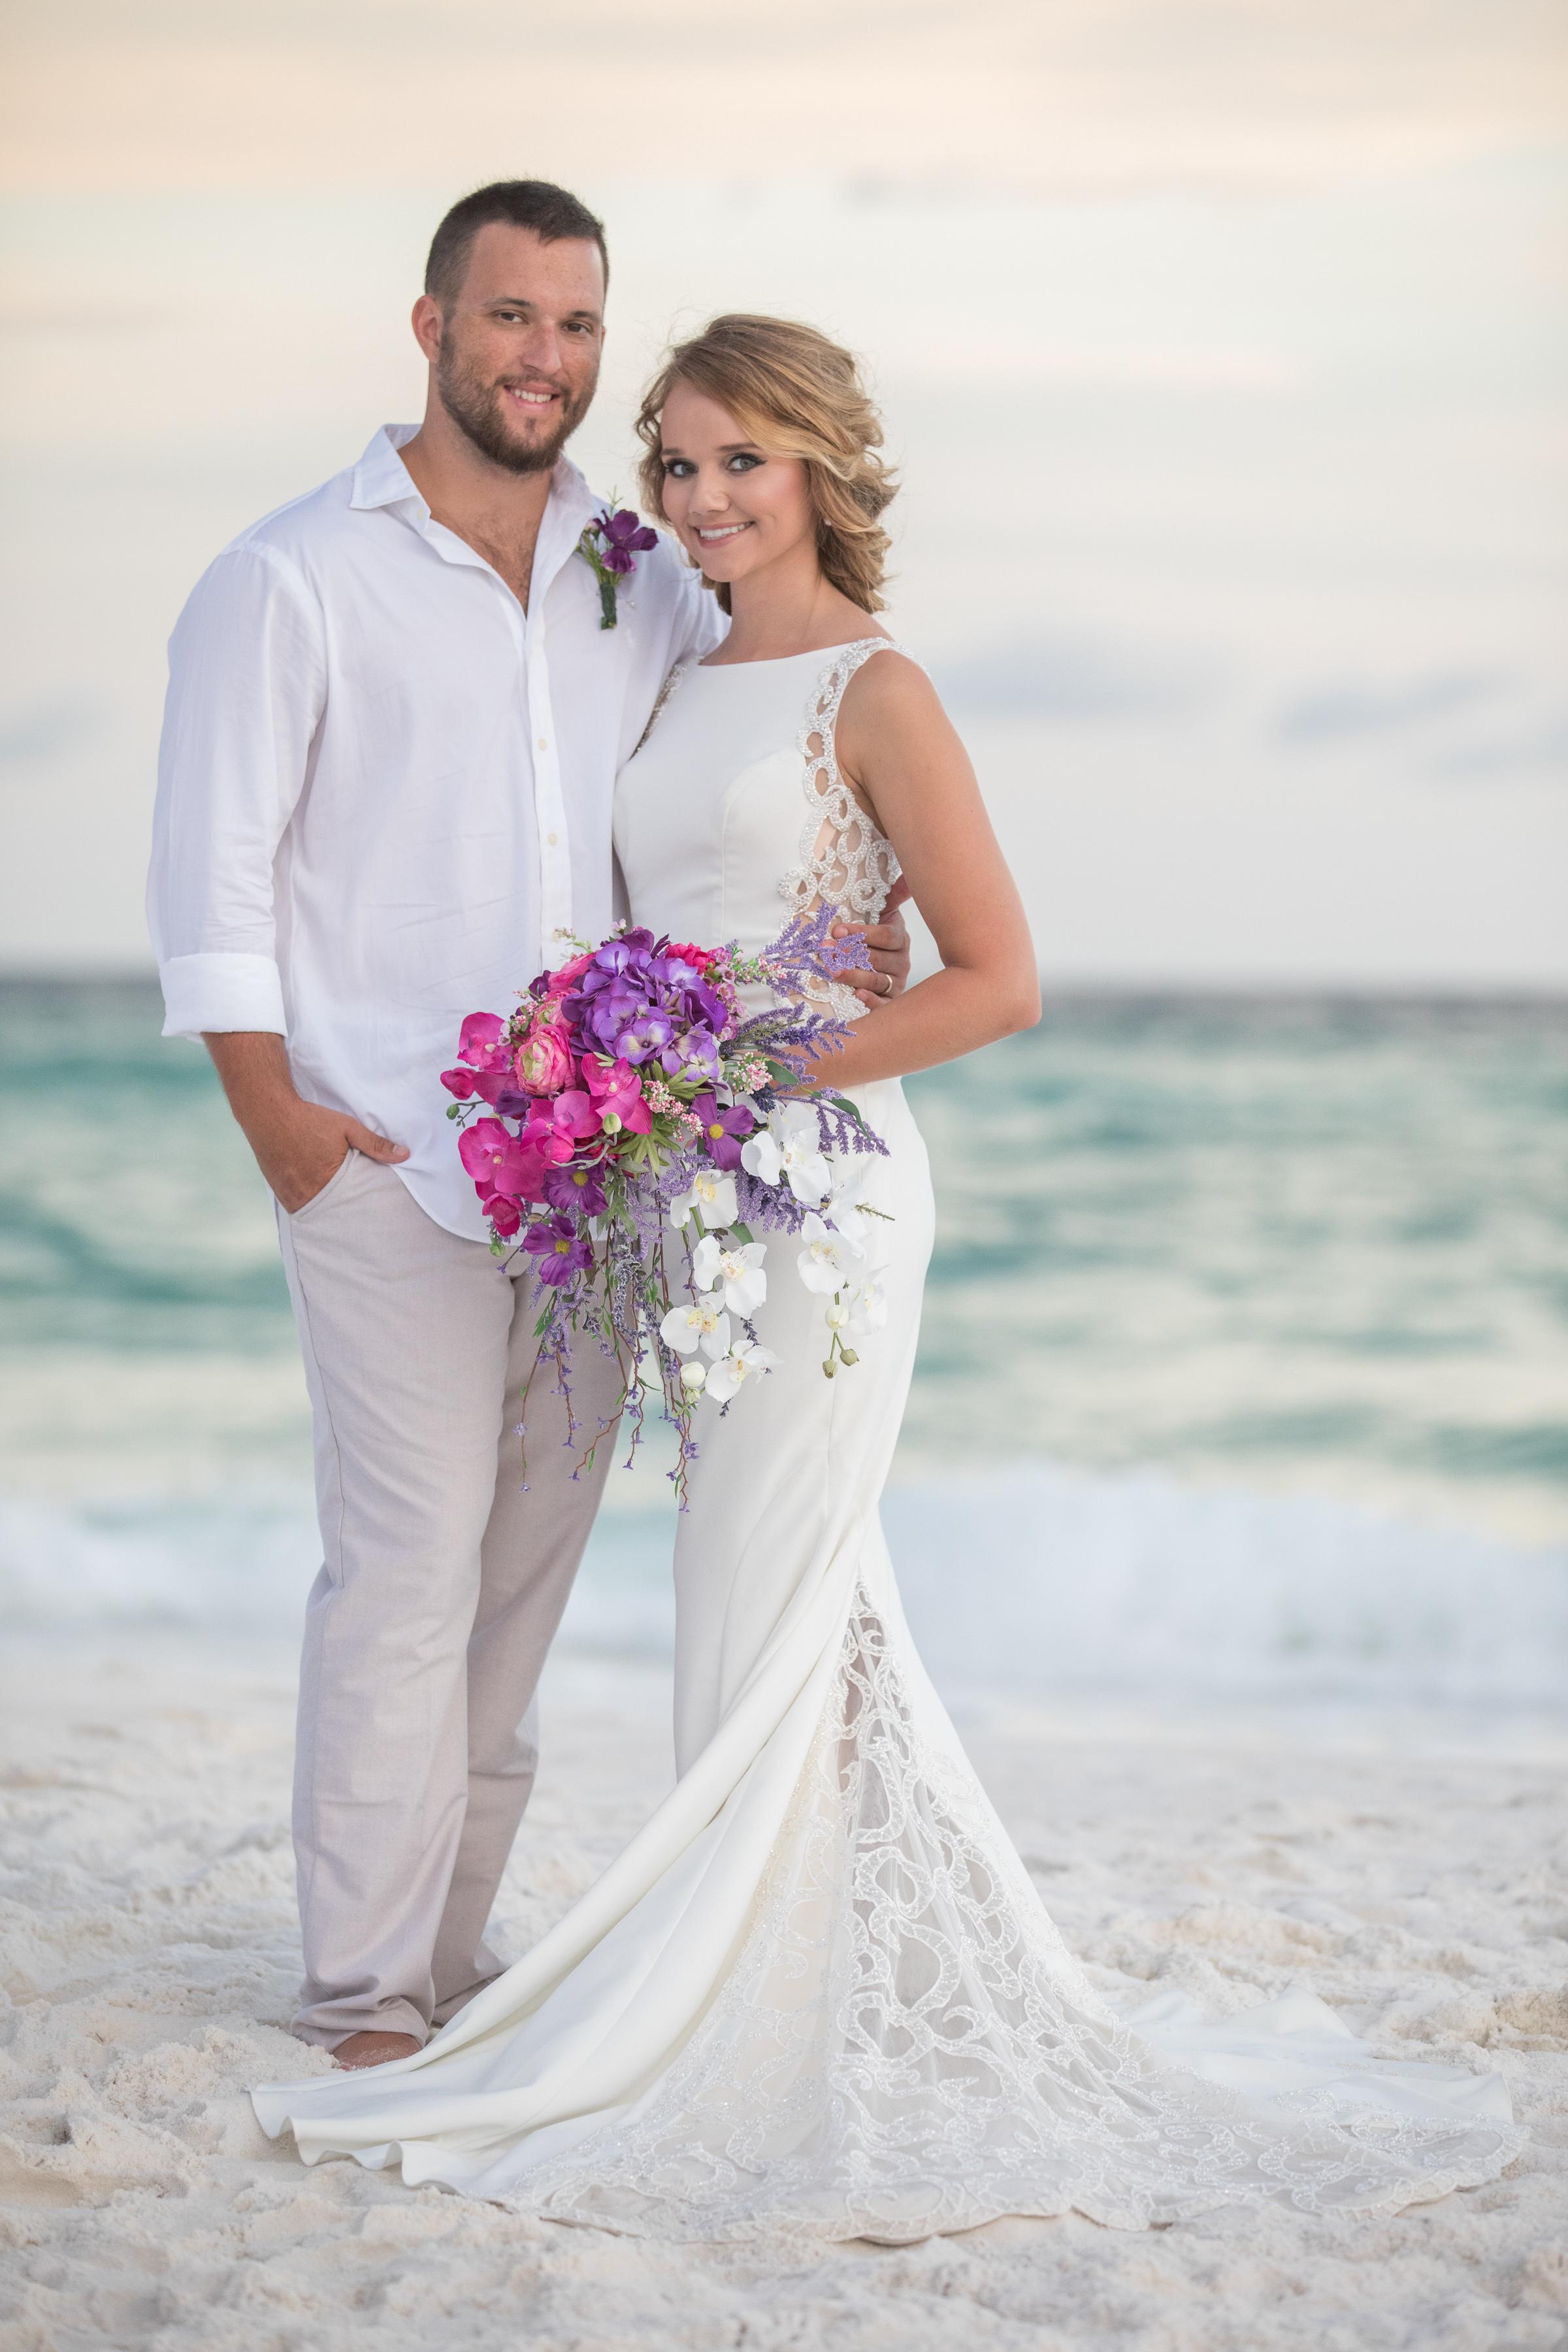 destin beach wedding package picture60_ (2).jpg